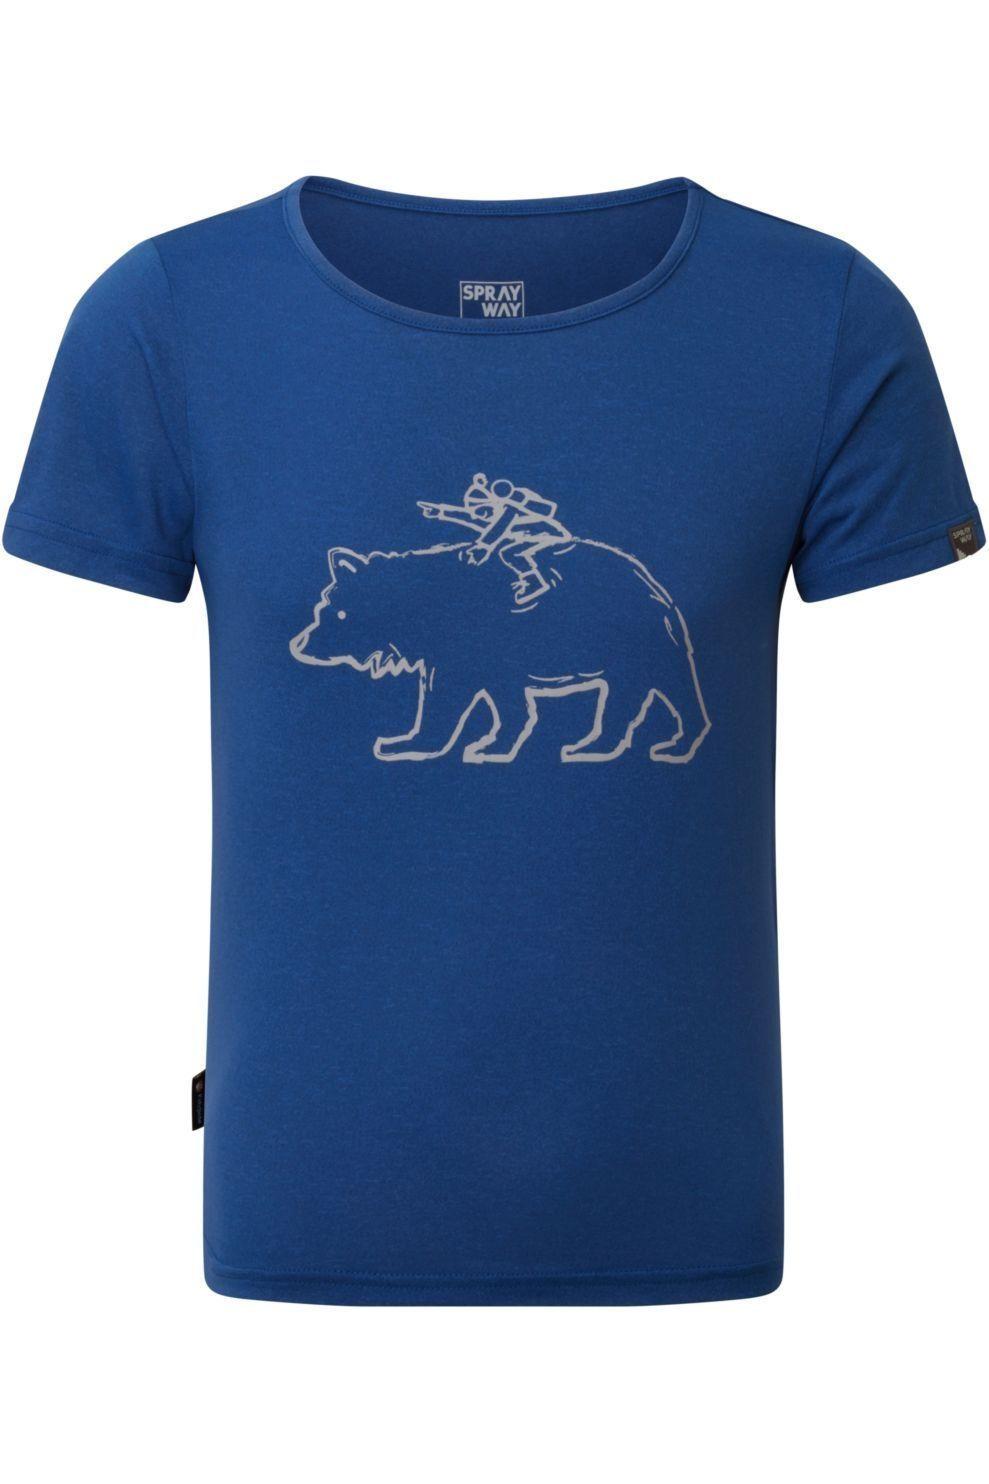 Sprayway T-Shirt Bertie Bear voor kids - Blauw - Maten: 4, 6, 8, 10